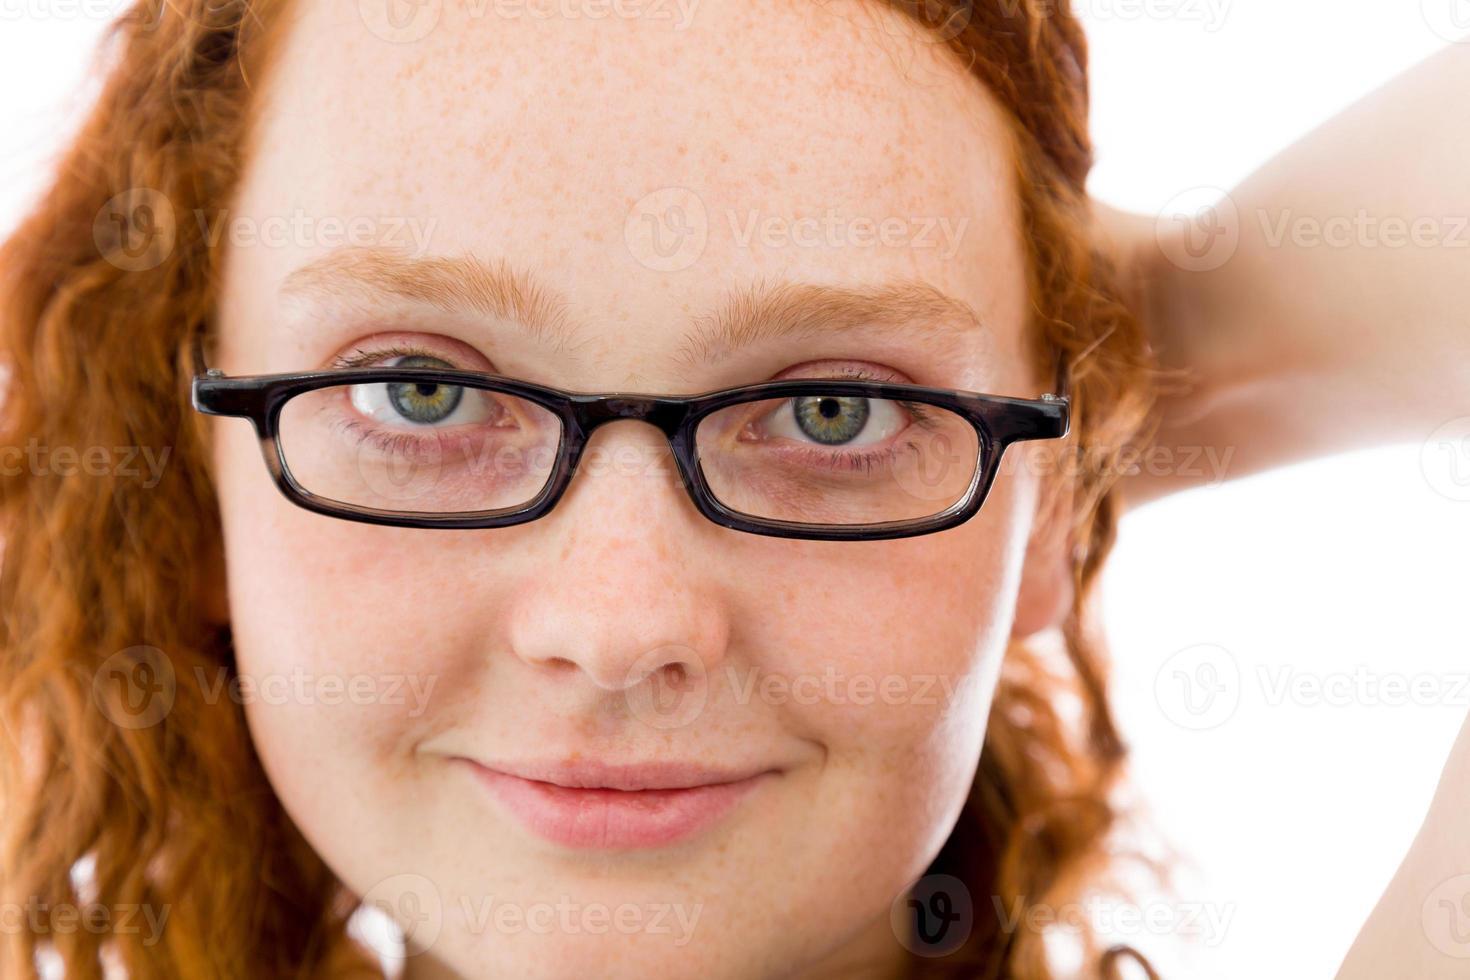 Modell isoliert auf weißem rotem Haar foto